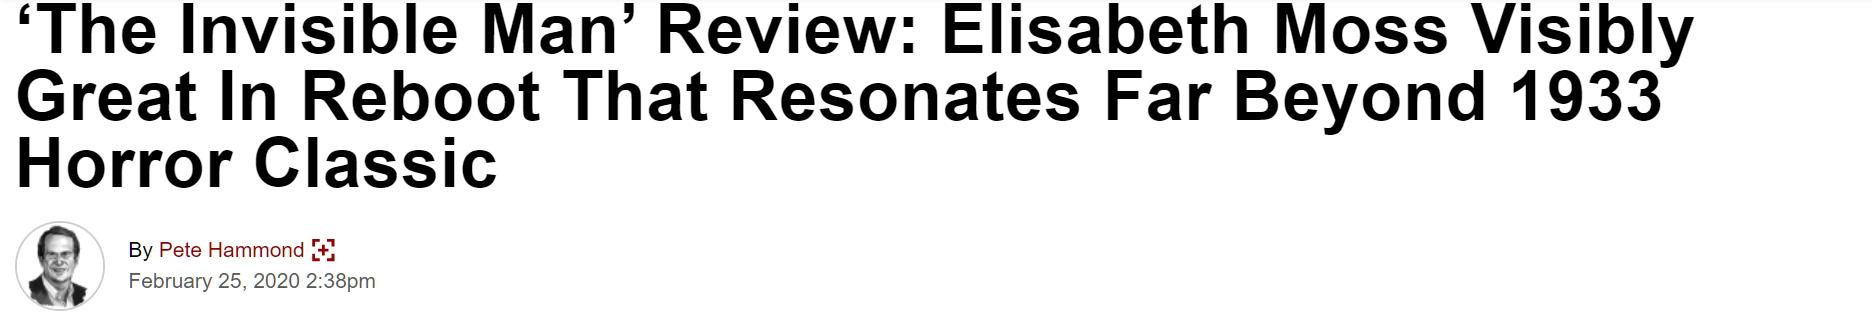 Giới mộ điệu quốc tế hết lời khen ngợi The Invisible Man: Phim kinh dị nổi da gà, nữ chính Elisabeth Moss hay xuất sắc - Ảnh 3.